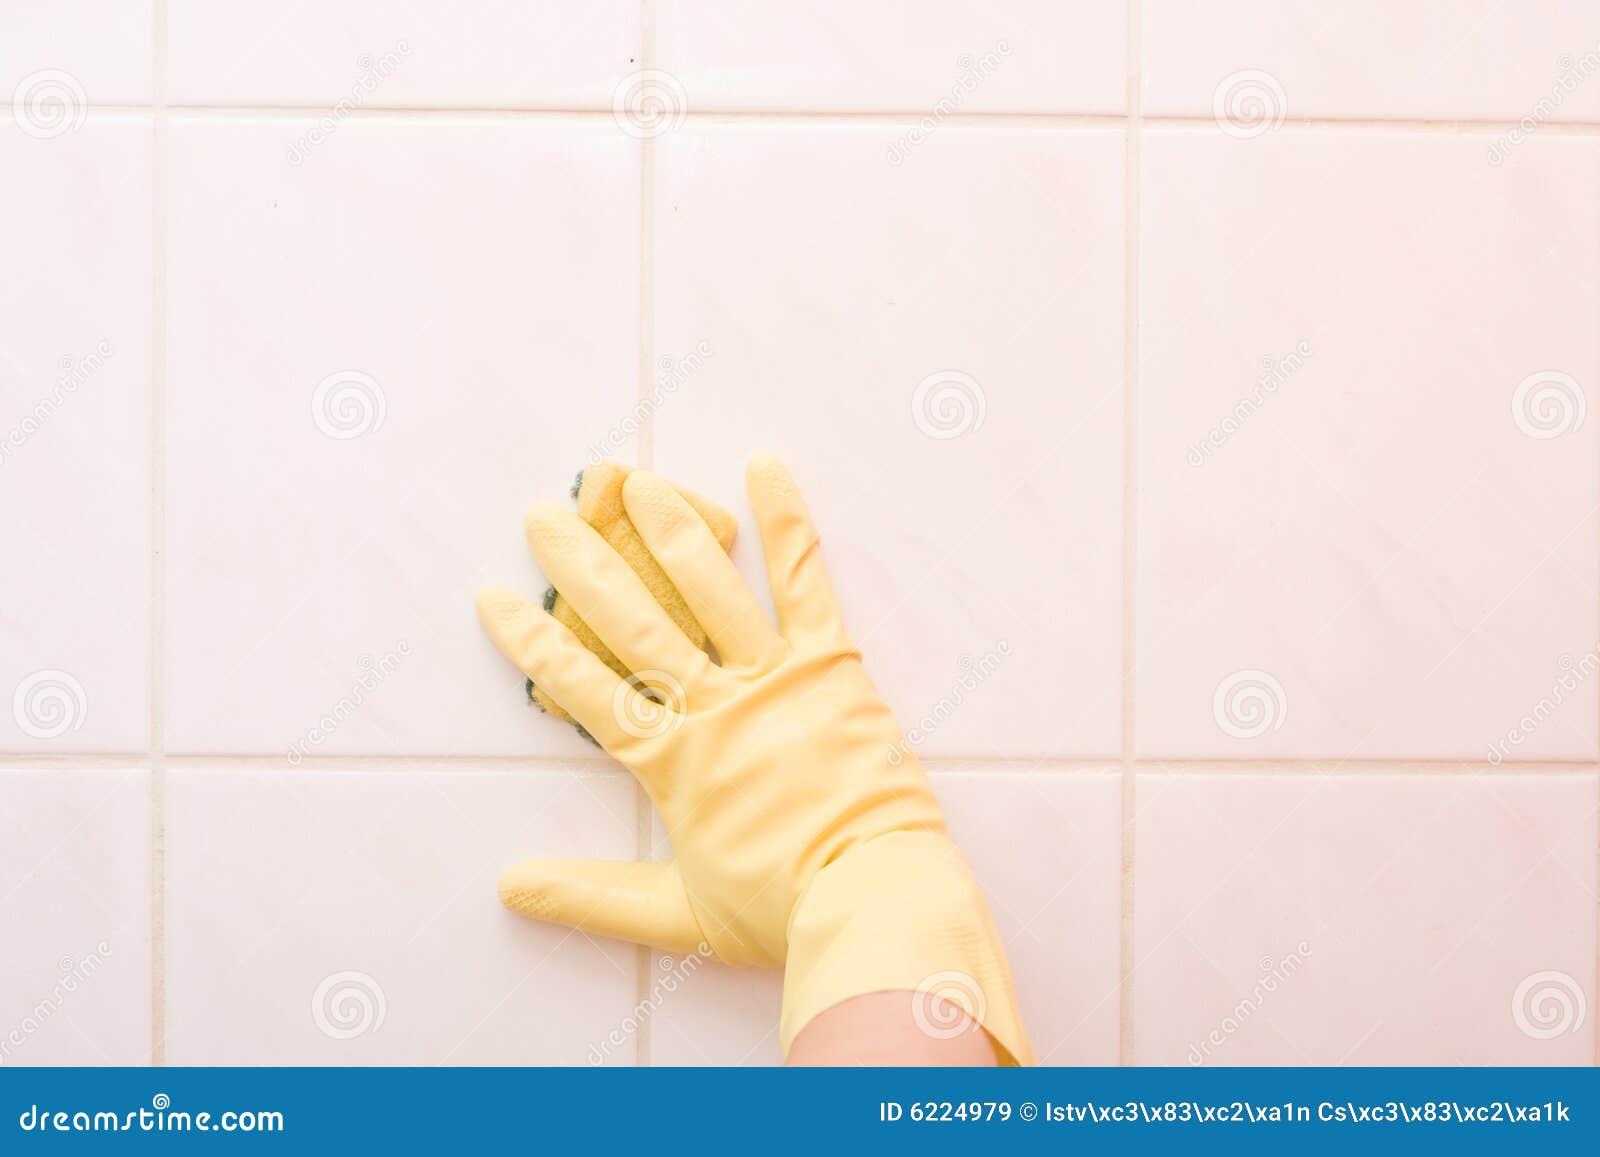 Nettoyage de salle de bains images libres de droits for Nettoyage salle de bain